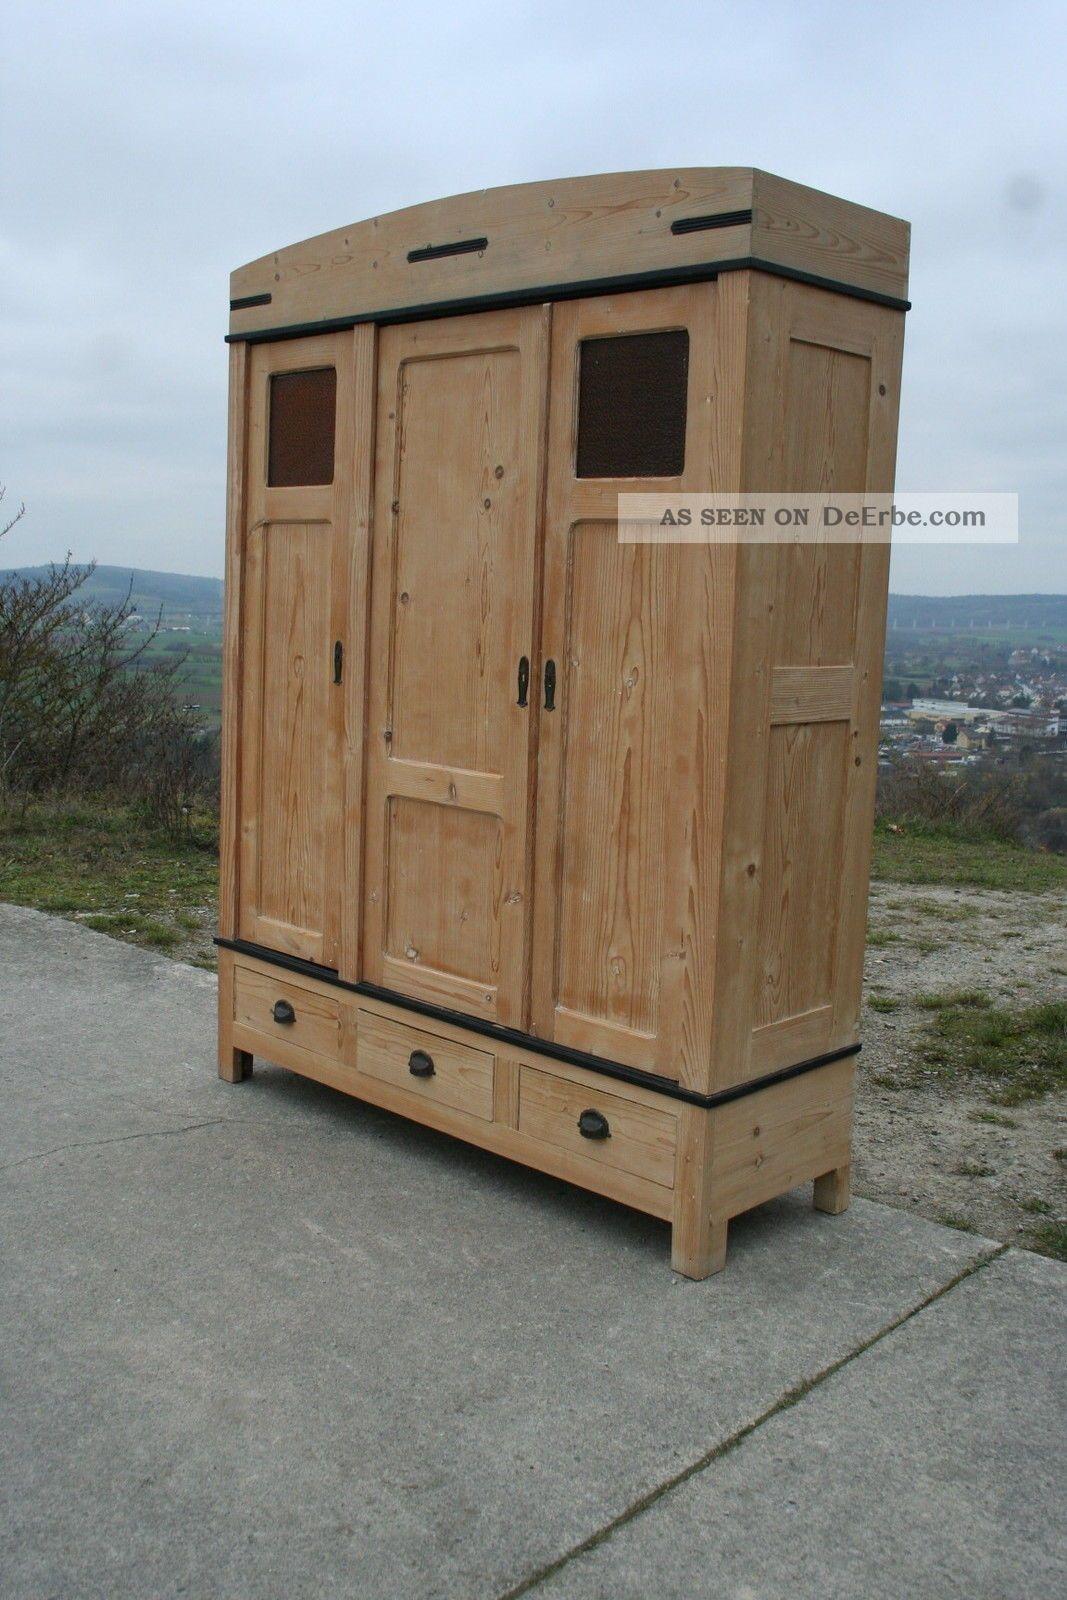 kleiderschrank shabby chic landhausm bel vintage vintagem bel schrank art deco. Black Bedroom Furniture Sets. Home Design Ideas